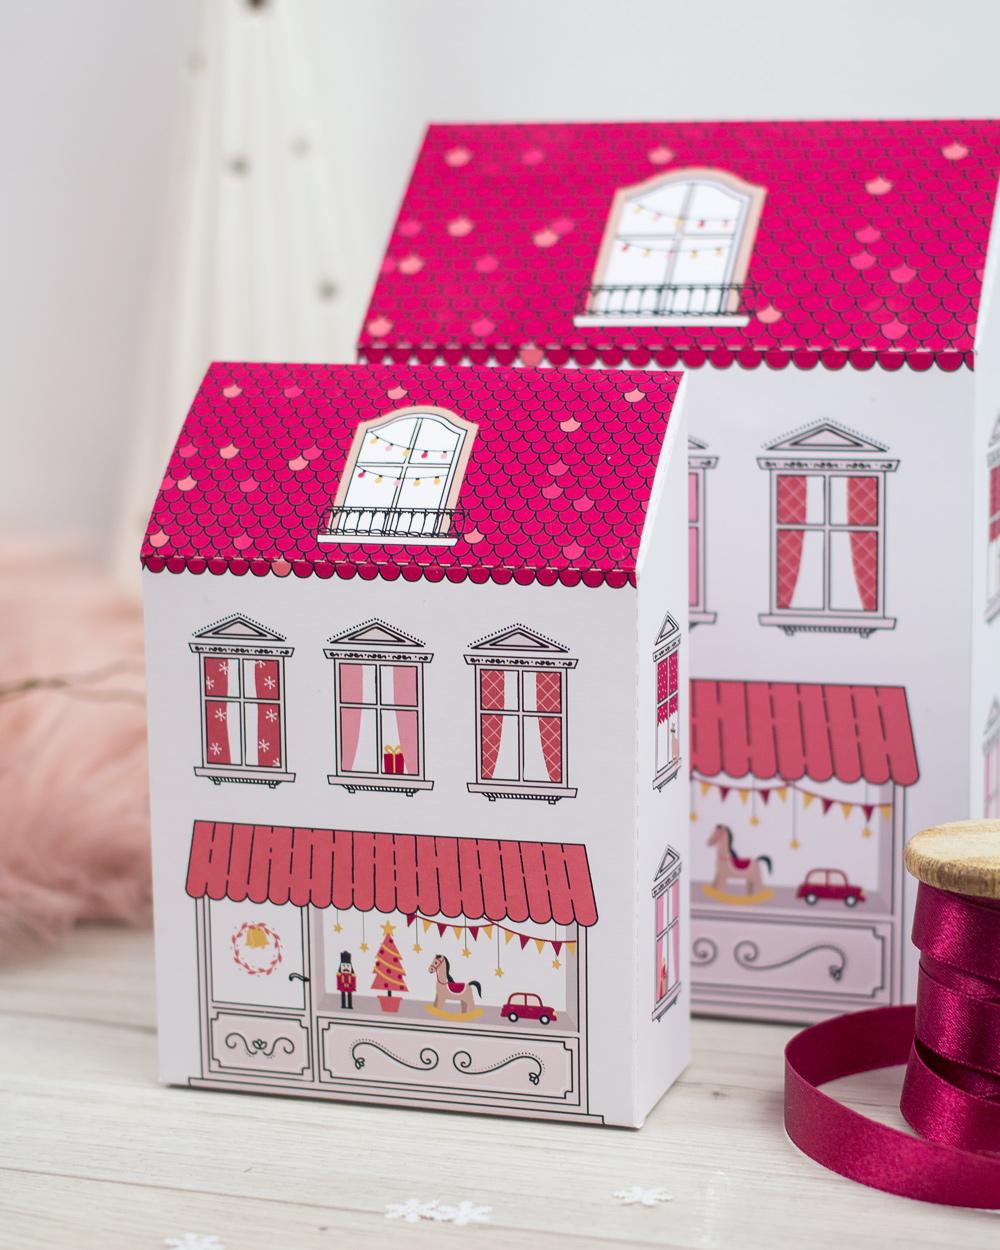 Domki z papieru do wydruku - świąteczne kamieniczki